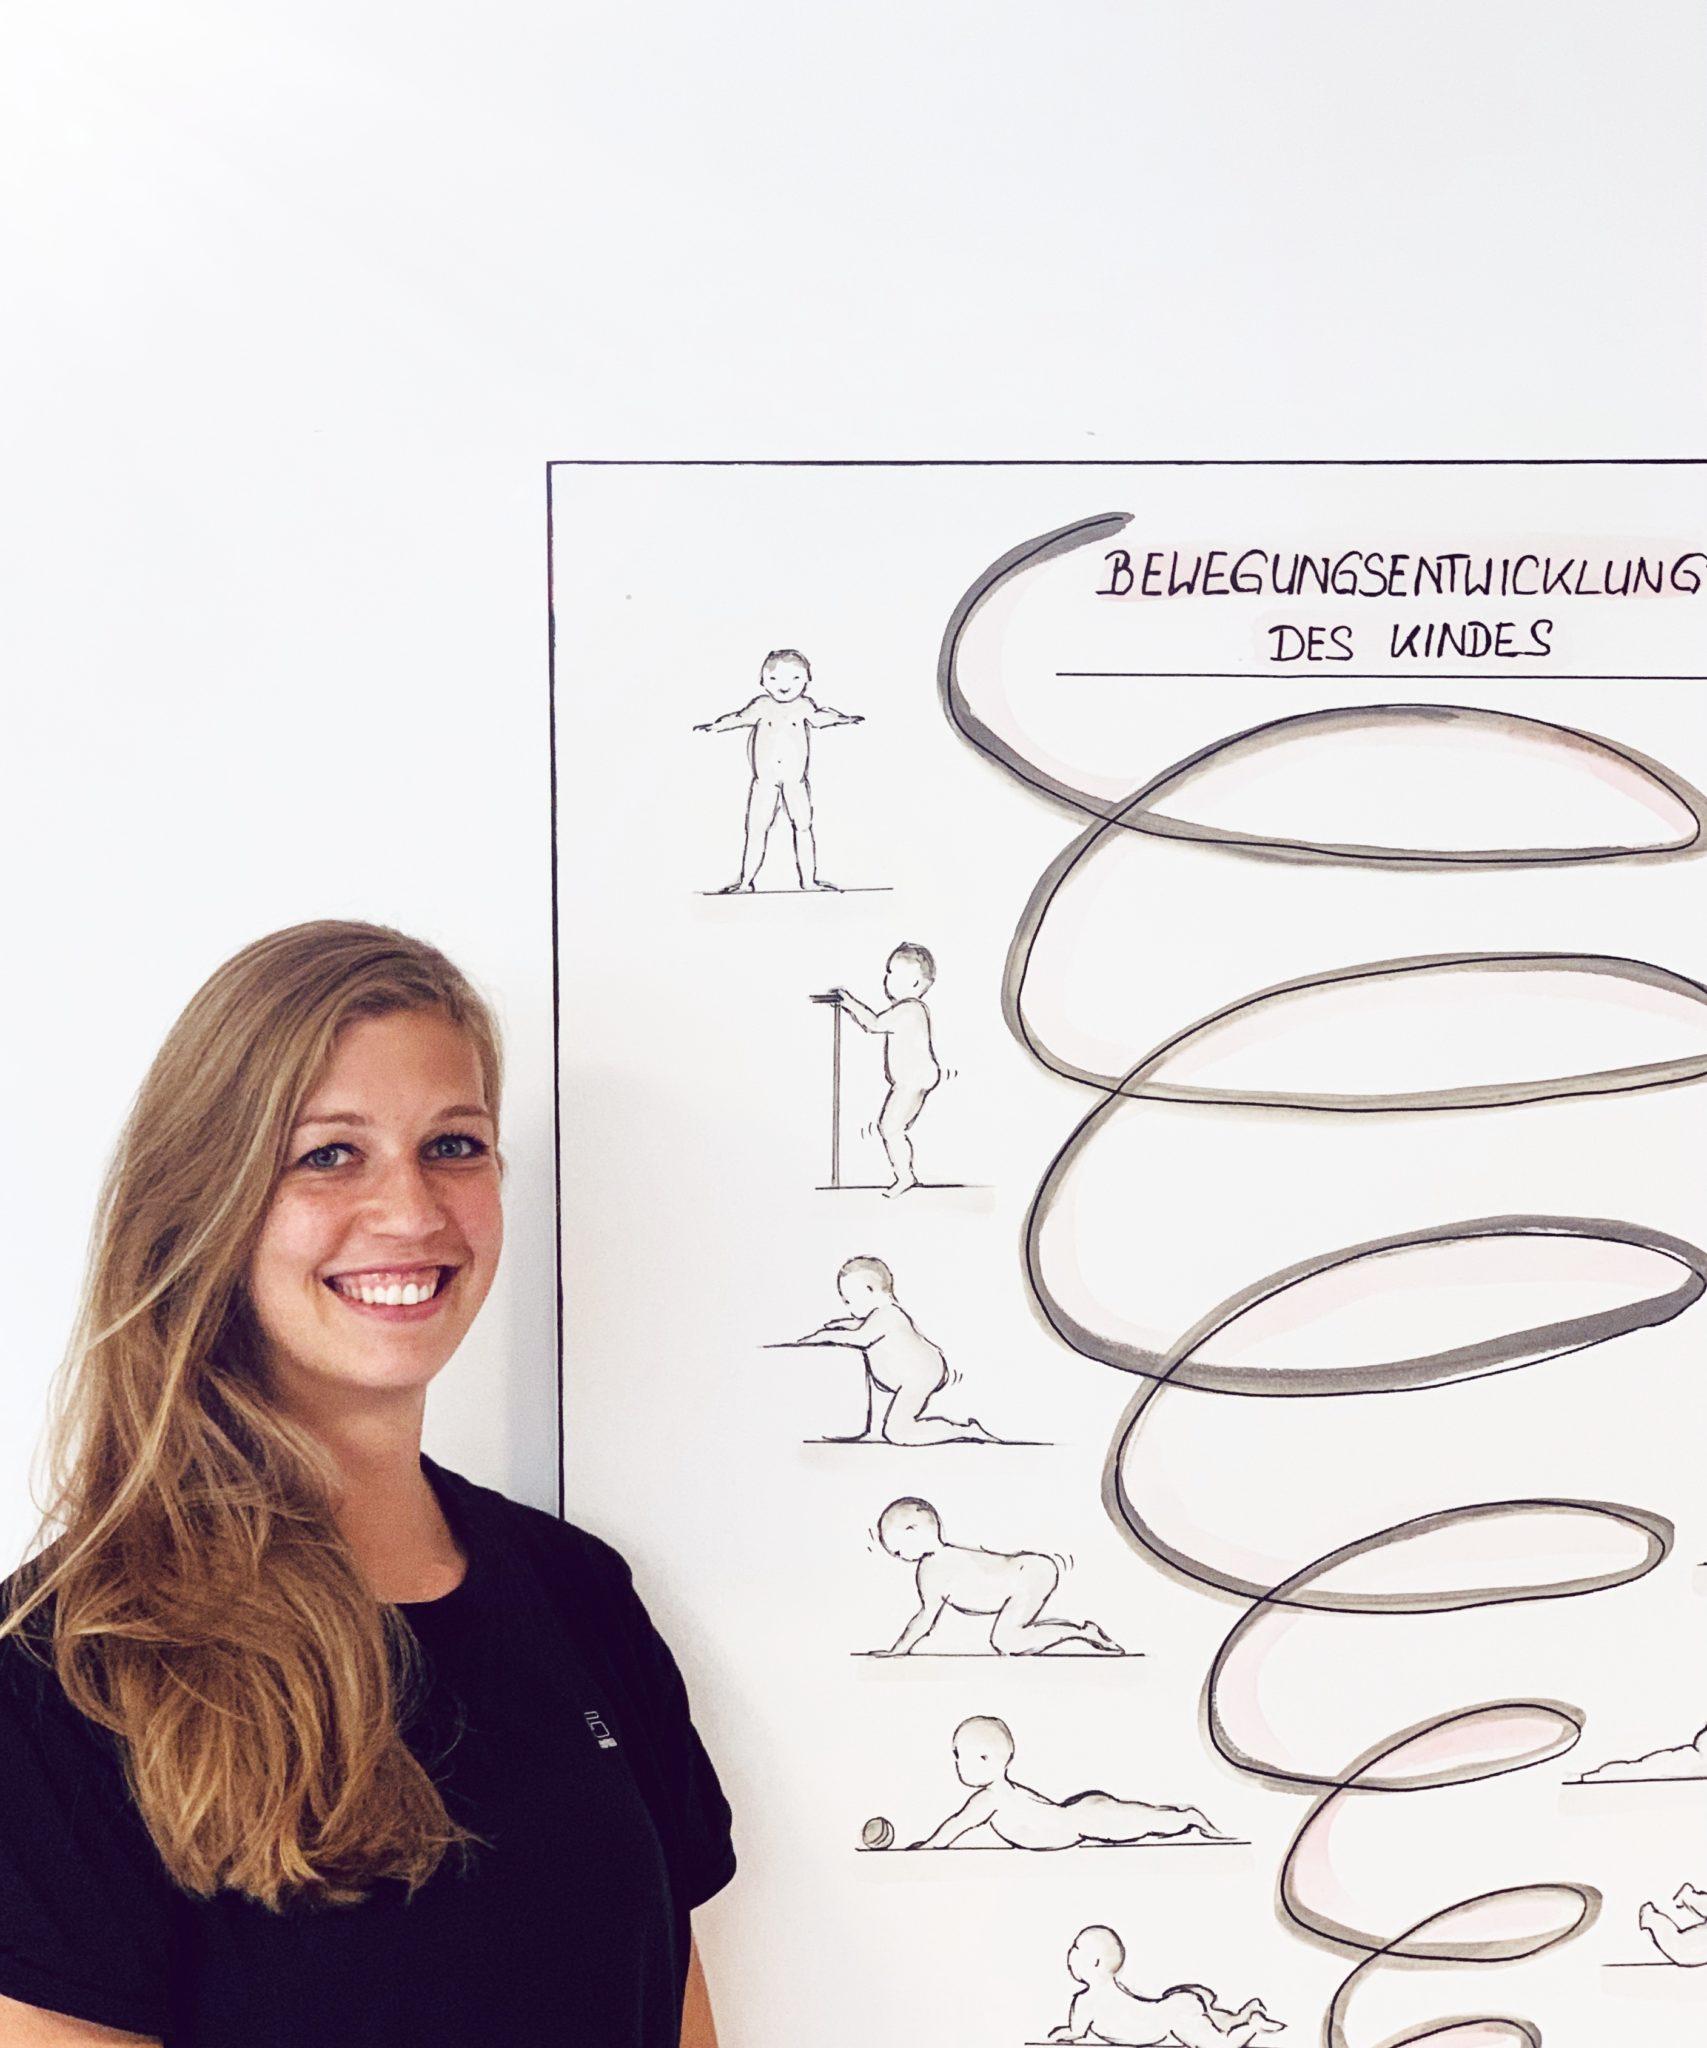 Daria Seitl-Huber